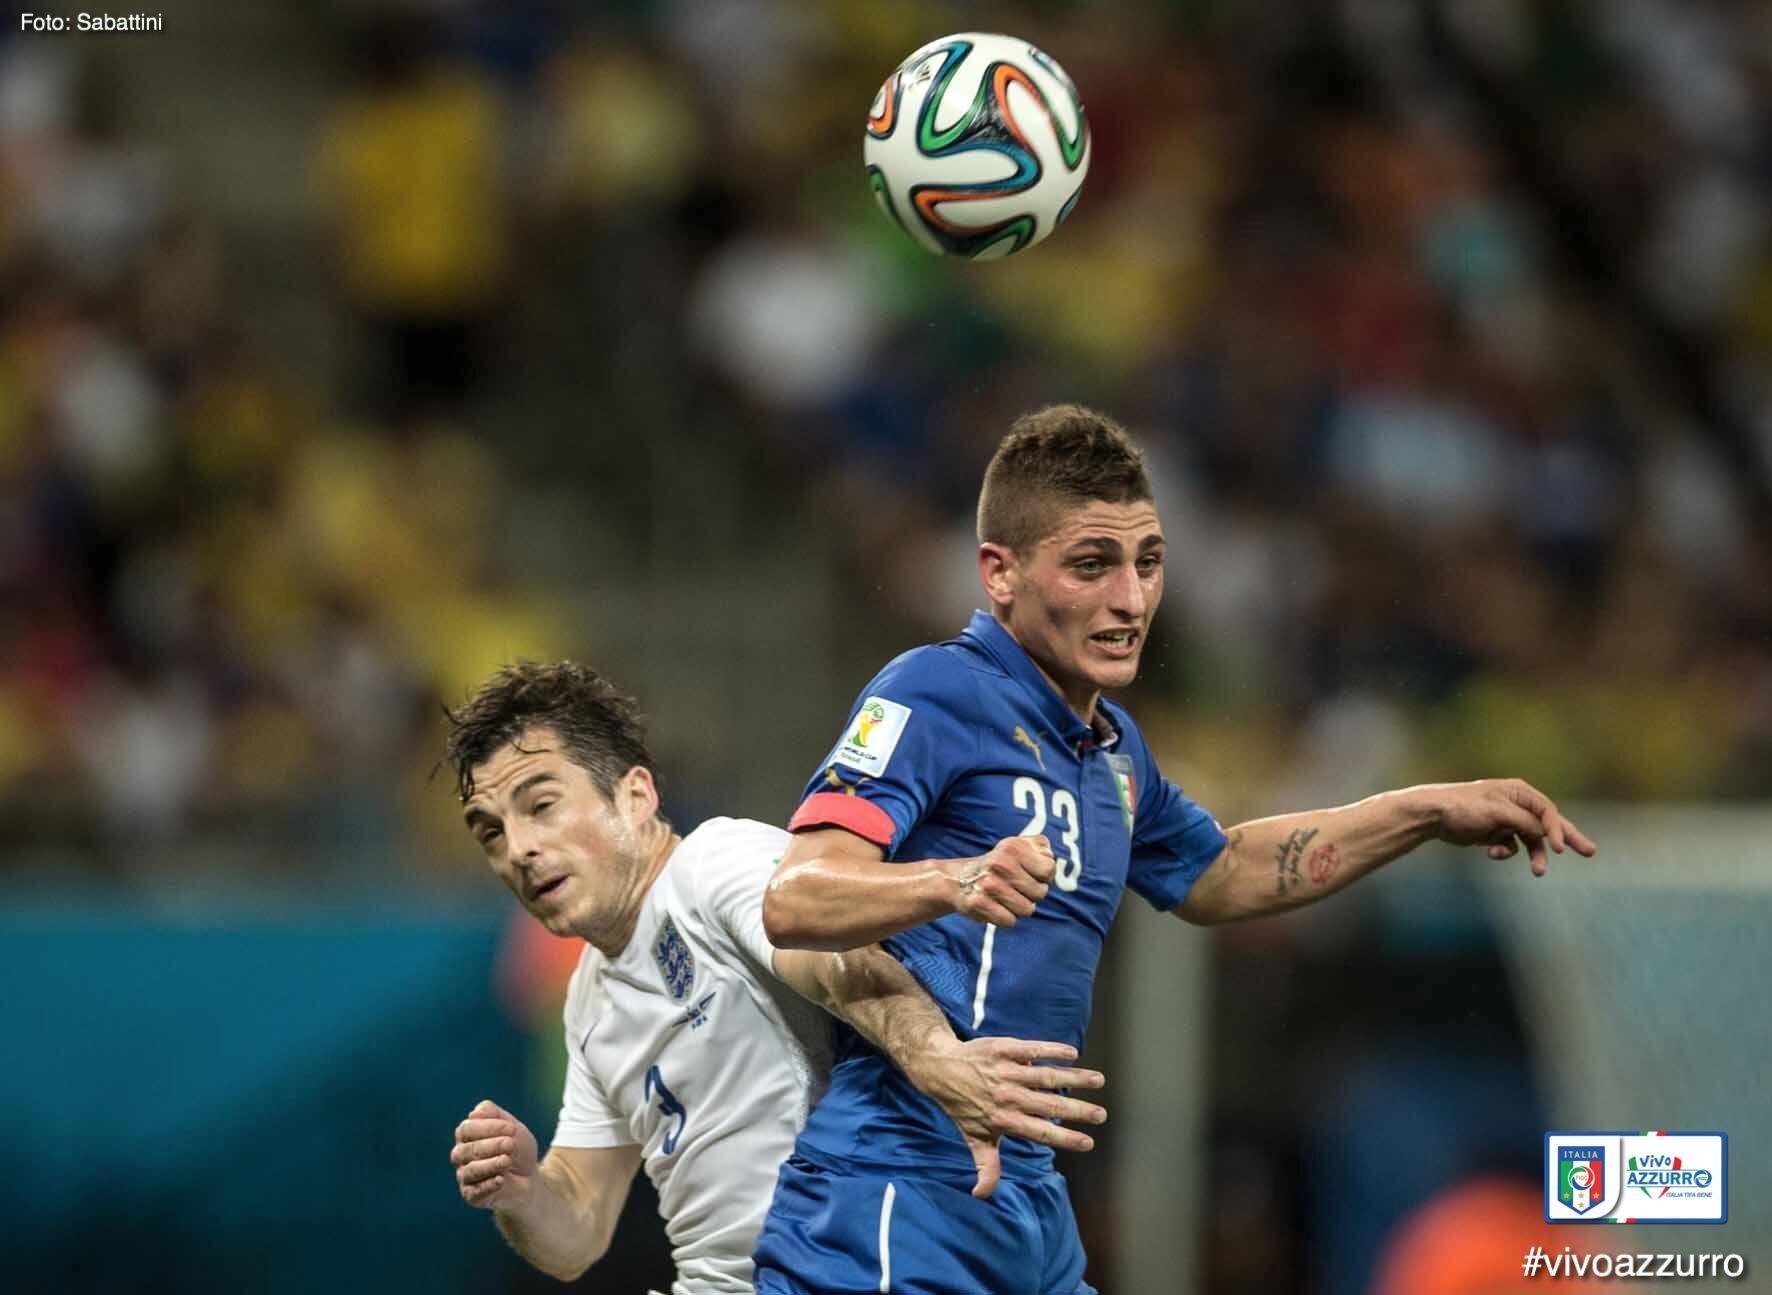 #ITA #Azzurri Marco #Verratti!    #VivoAzzurro #Italia #Nazionale #Mondiali2014 http://t.co/aeDneDWQrk